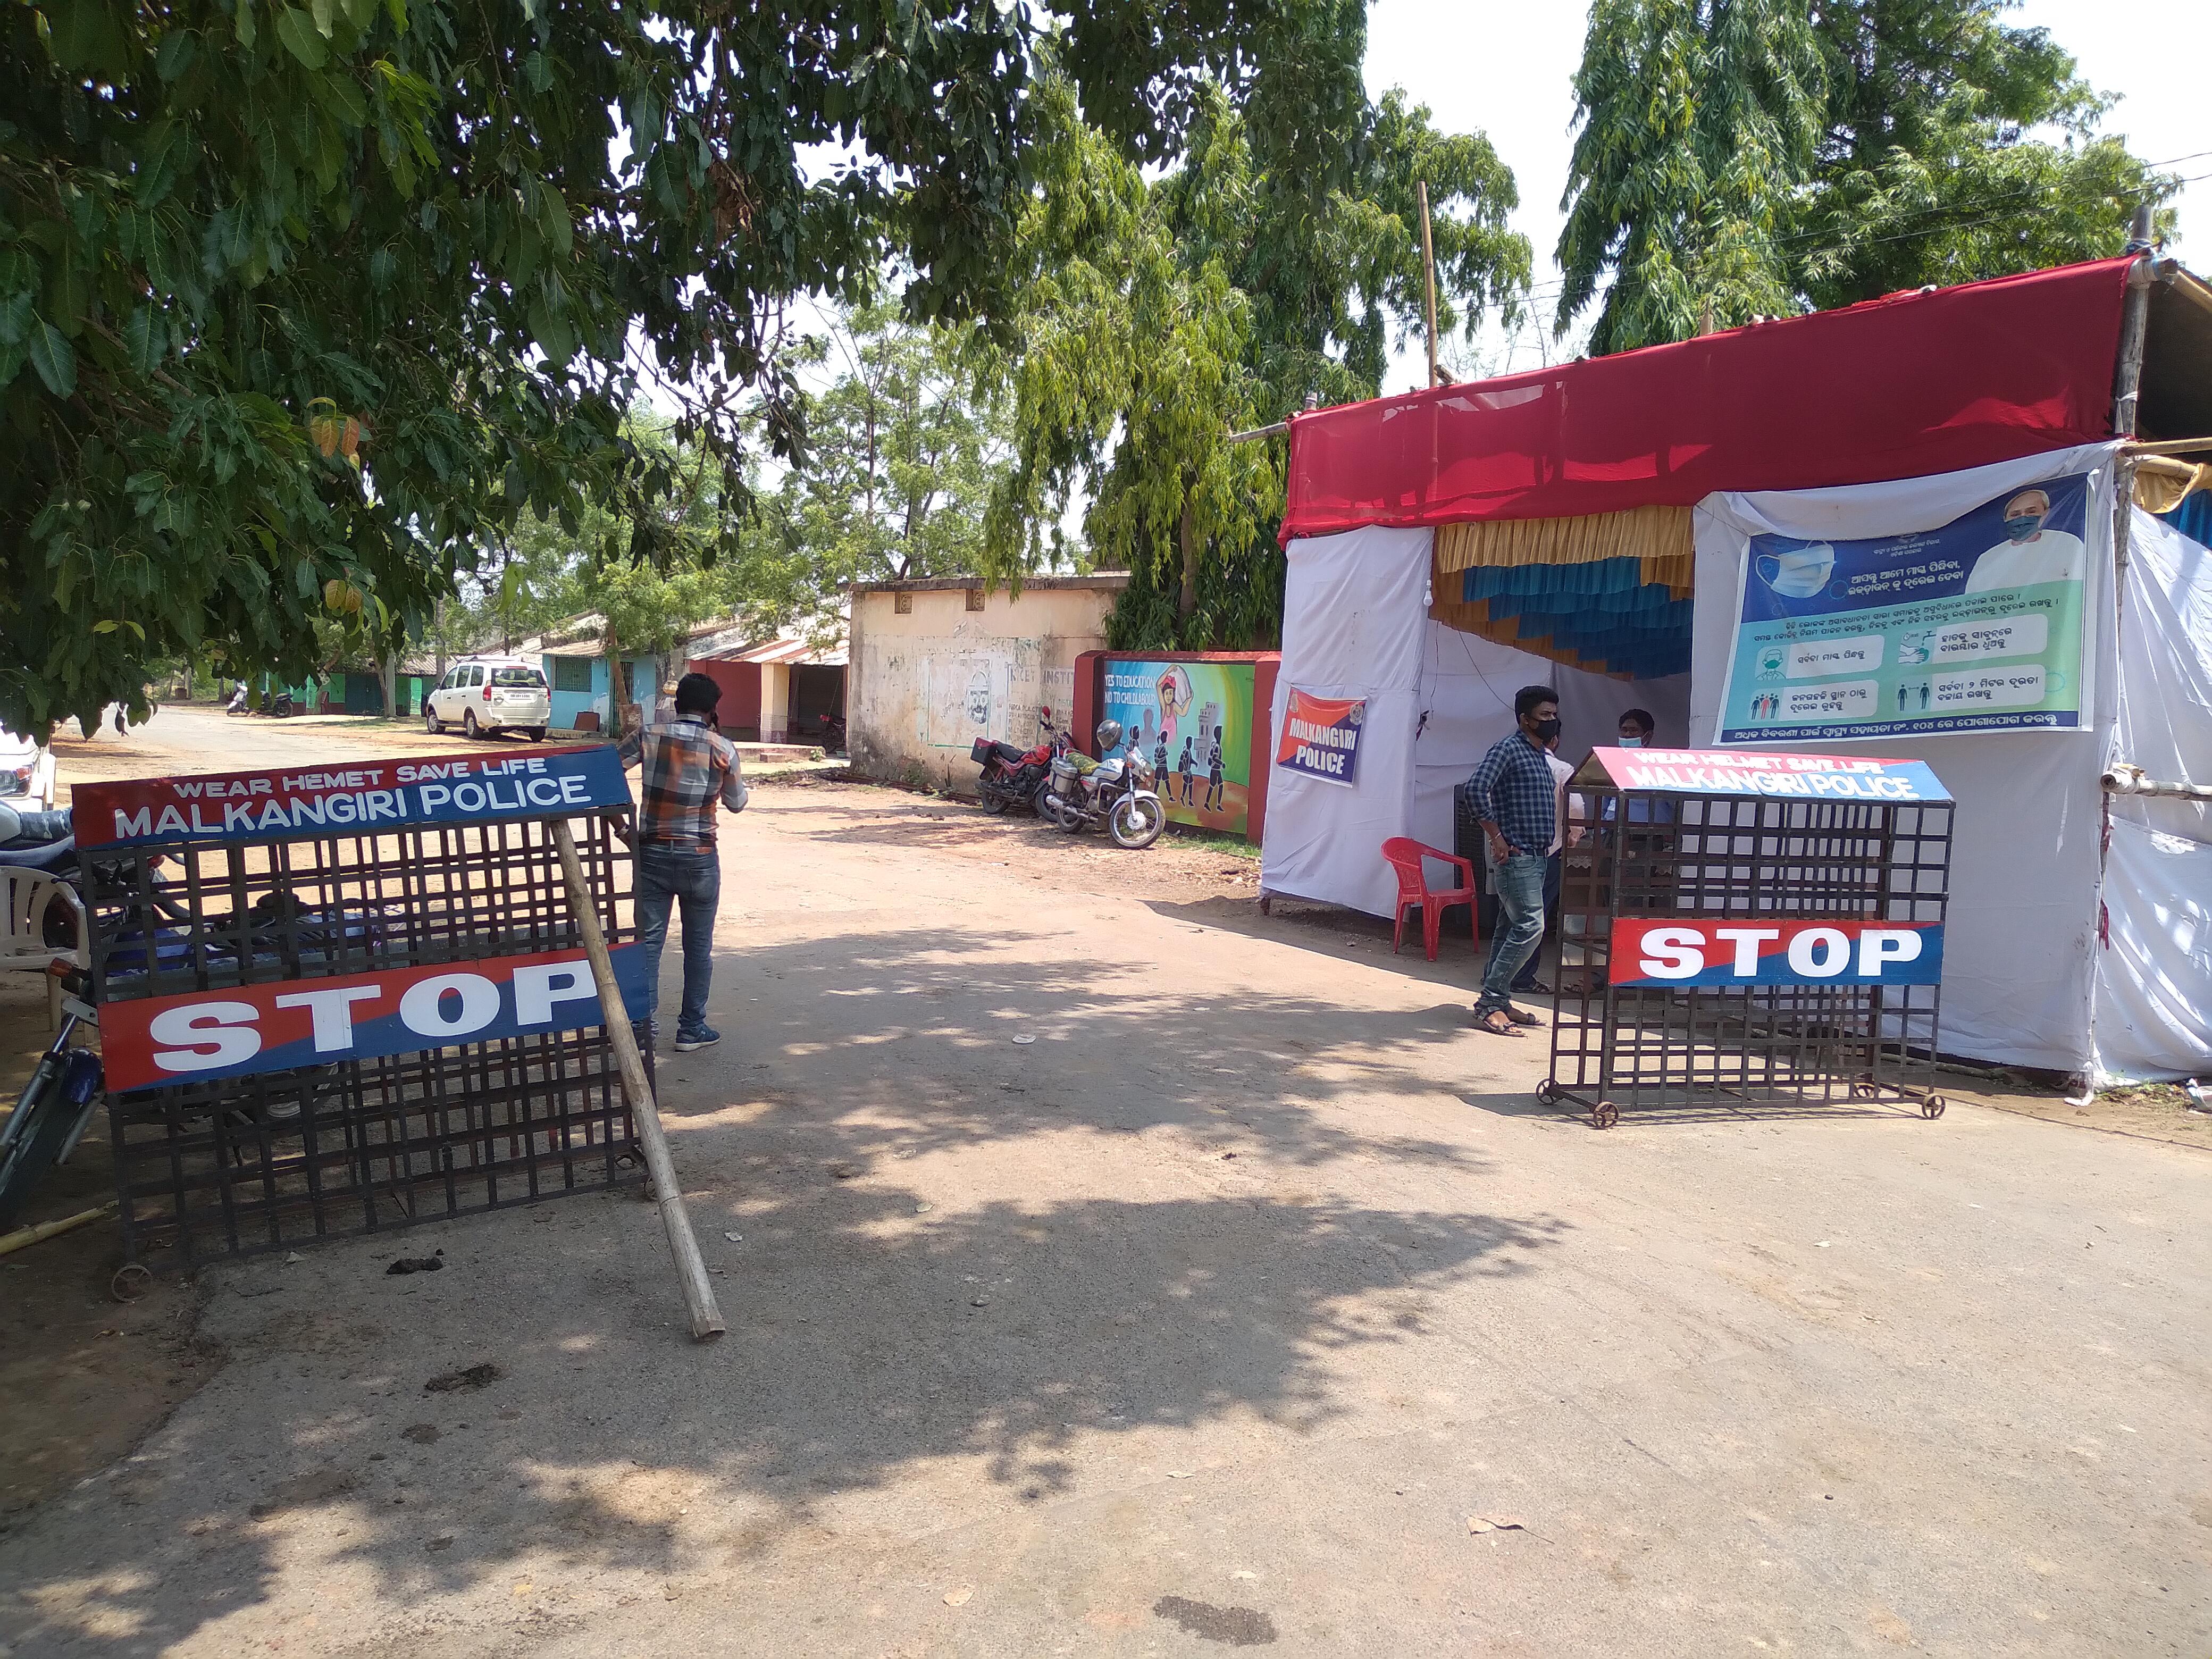 चालानगुड़ा बॉर्डर पर ओडिशा सरकार का एक अस्थायी तंबू गाड़ा हुआ है। इसमें पुलिस और प्रशासनिक अफसरों की पूरी टीम तैनात है। यहां छत्तीसगढ़ के लोगों के आने पर पाबंदी है।